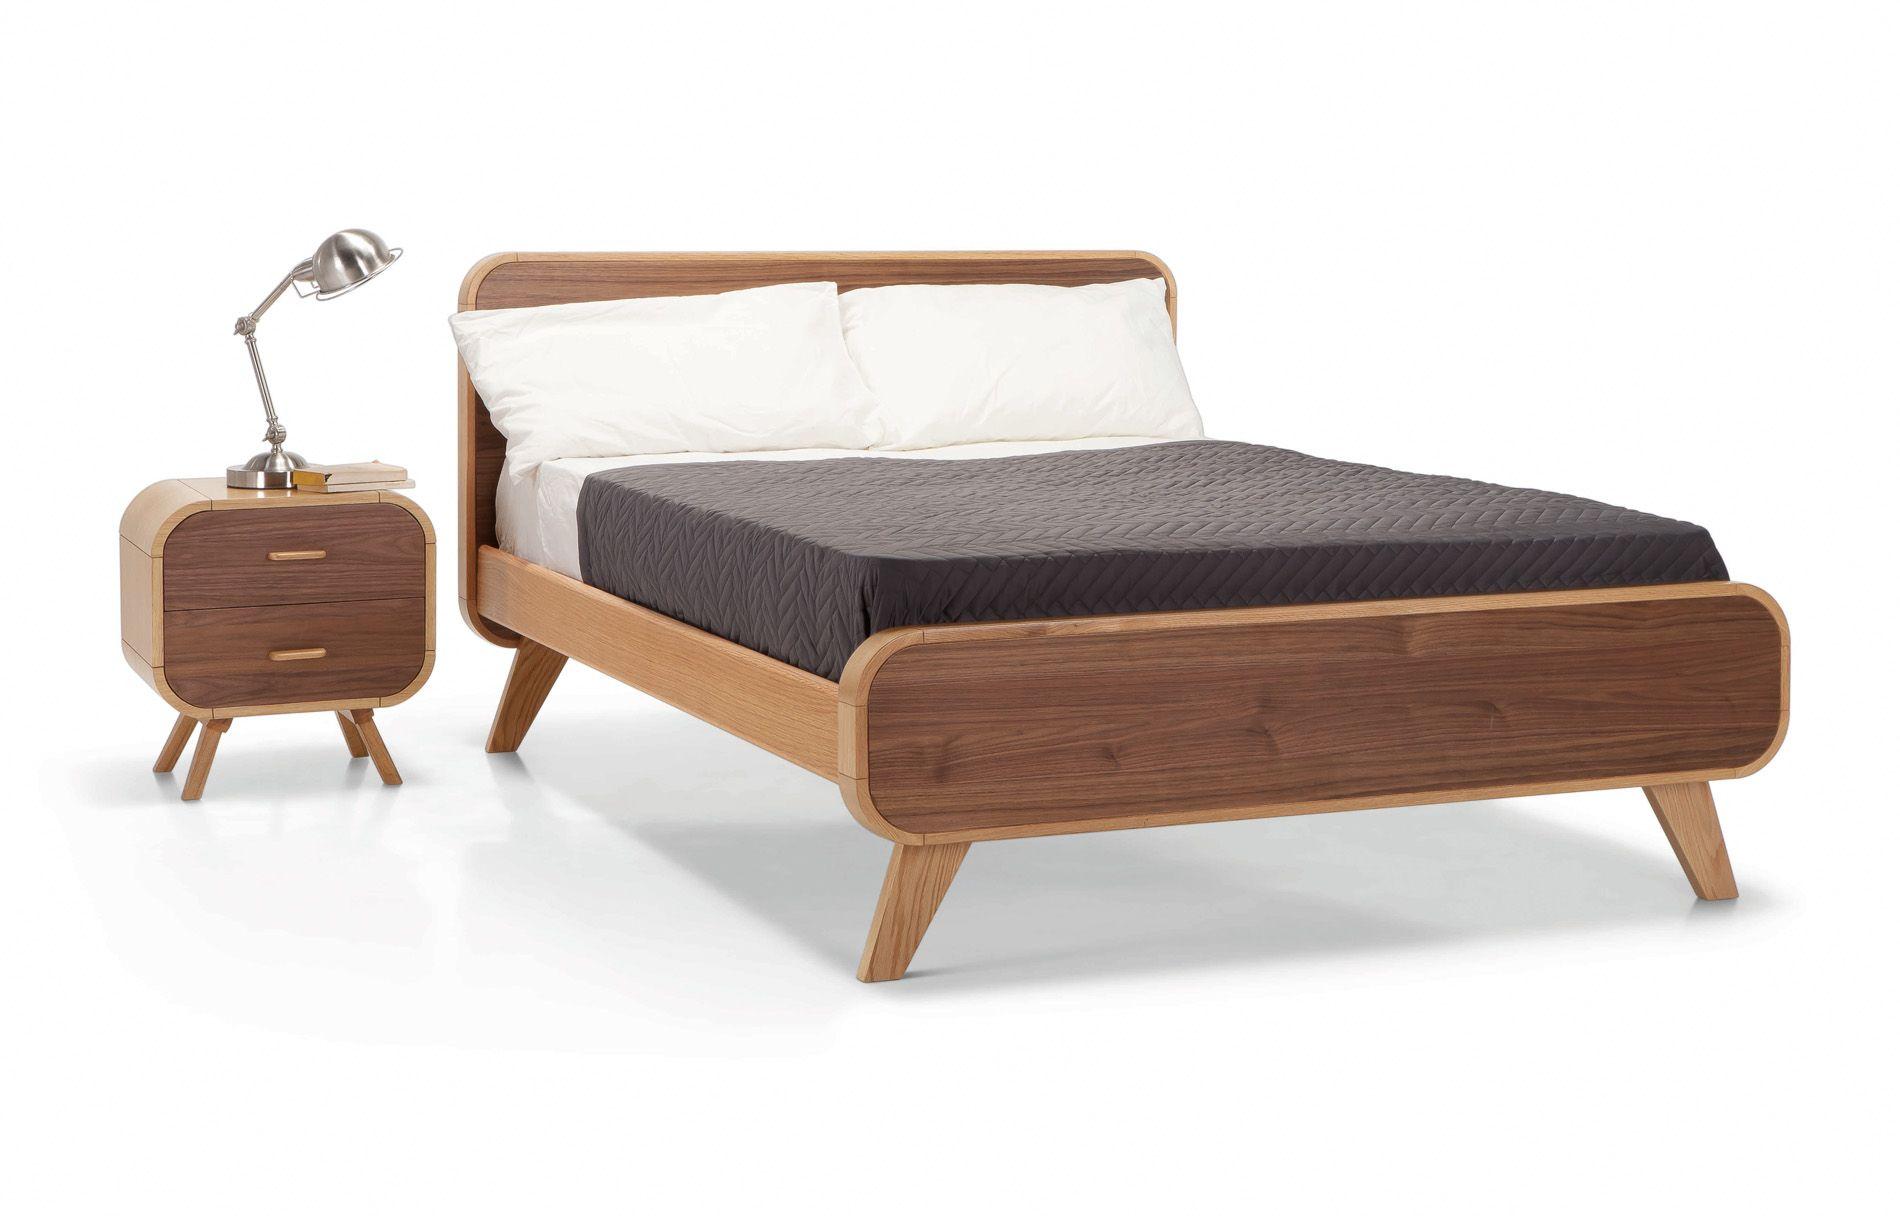 Fonteyn Double Bed From 649 Steuart Padwick Minimalist Bed Frame Minimalist Bed Bed Frame Design